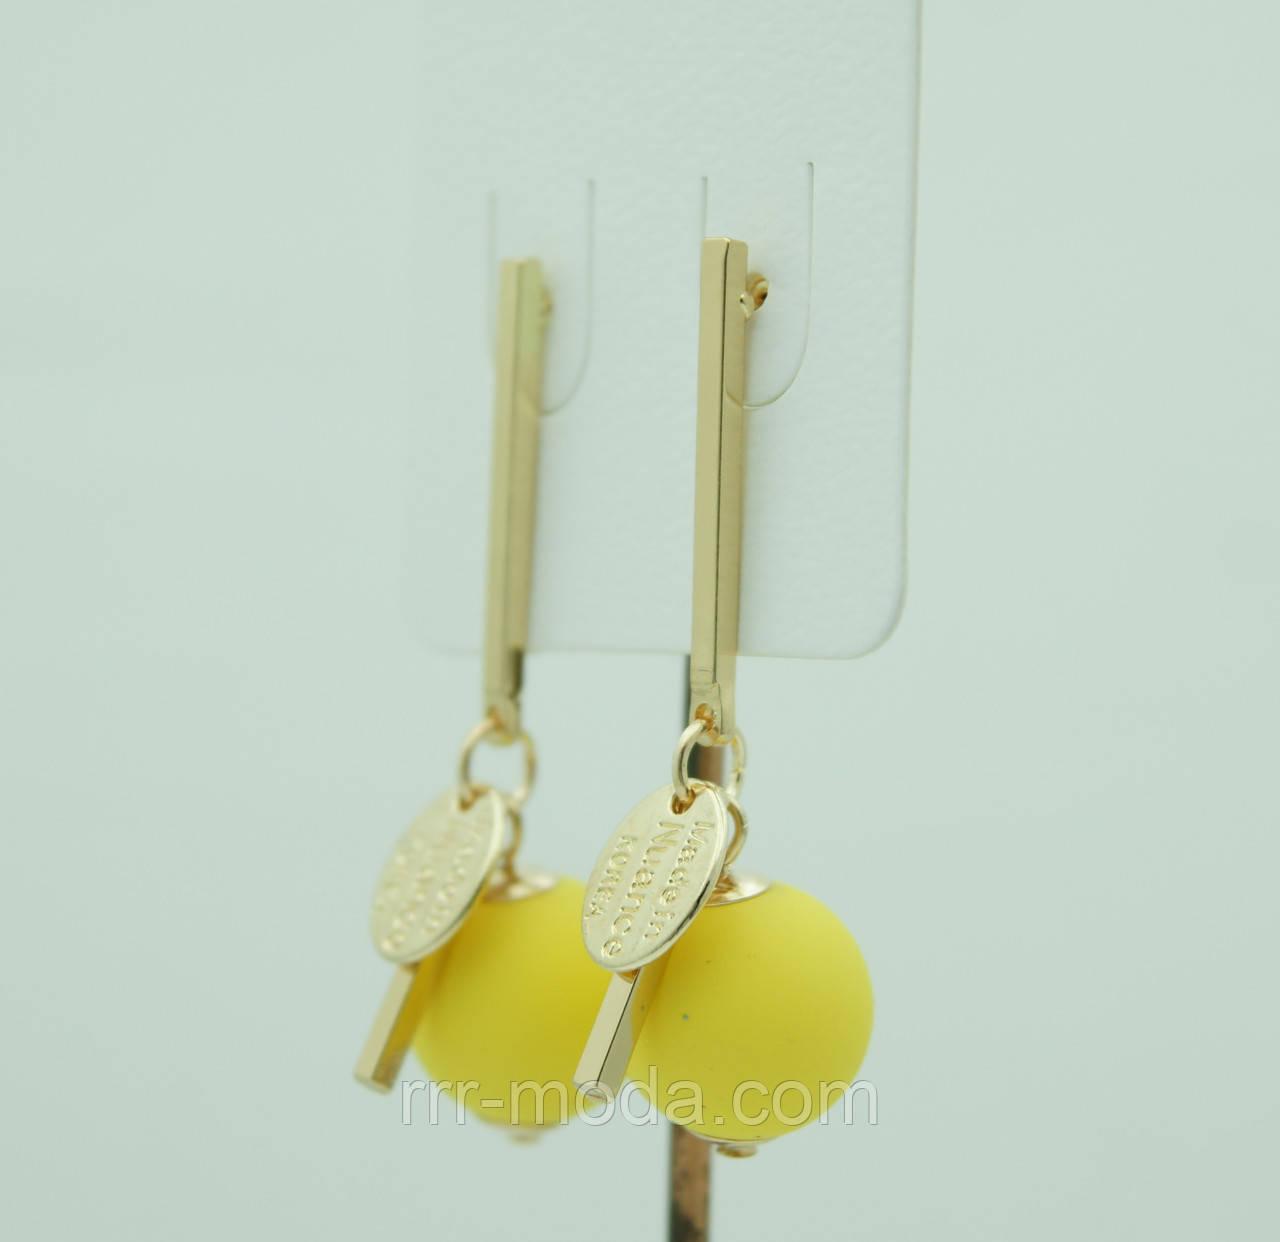 Бижутерия KOREA, матовые сережки гвоздики с жёлтыми шариками 3076